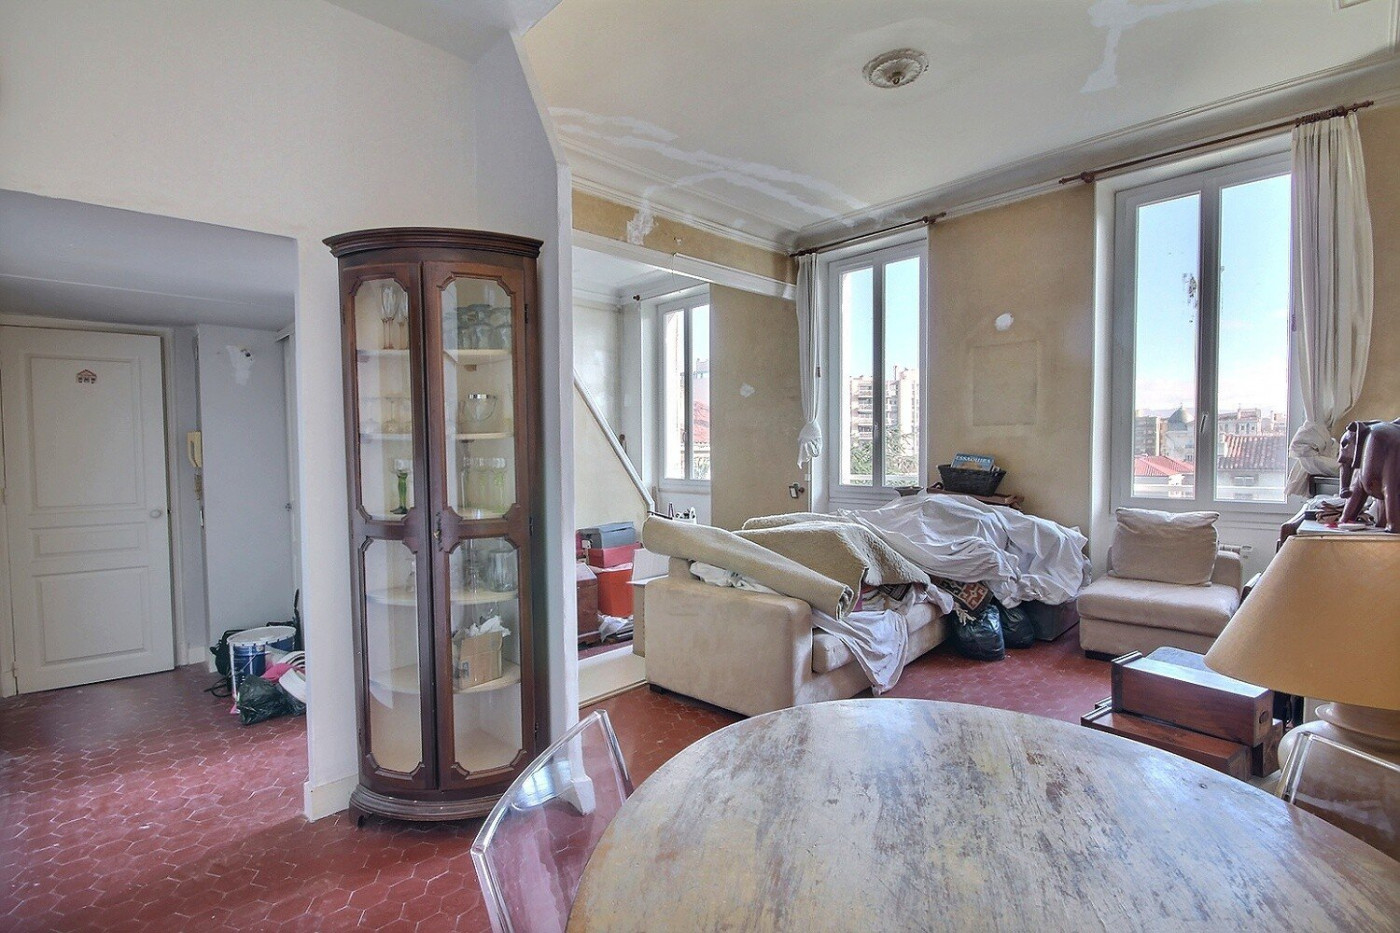 A vendre  Marseille 6eme Arrondissement | Réf 130251044 - J daher immobilier